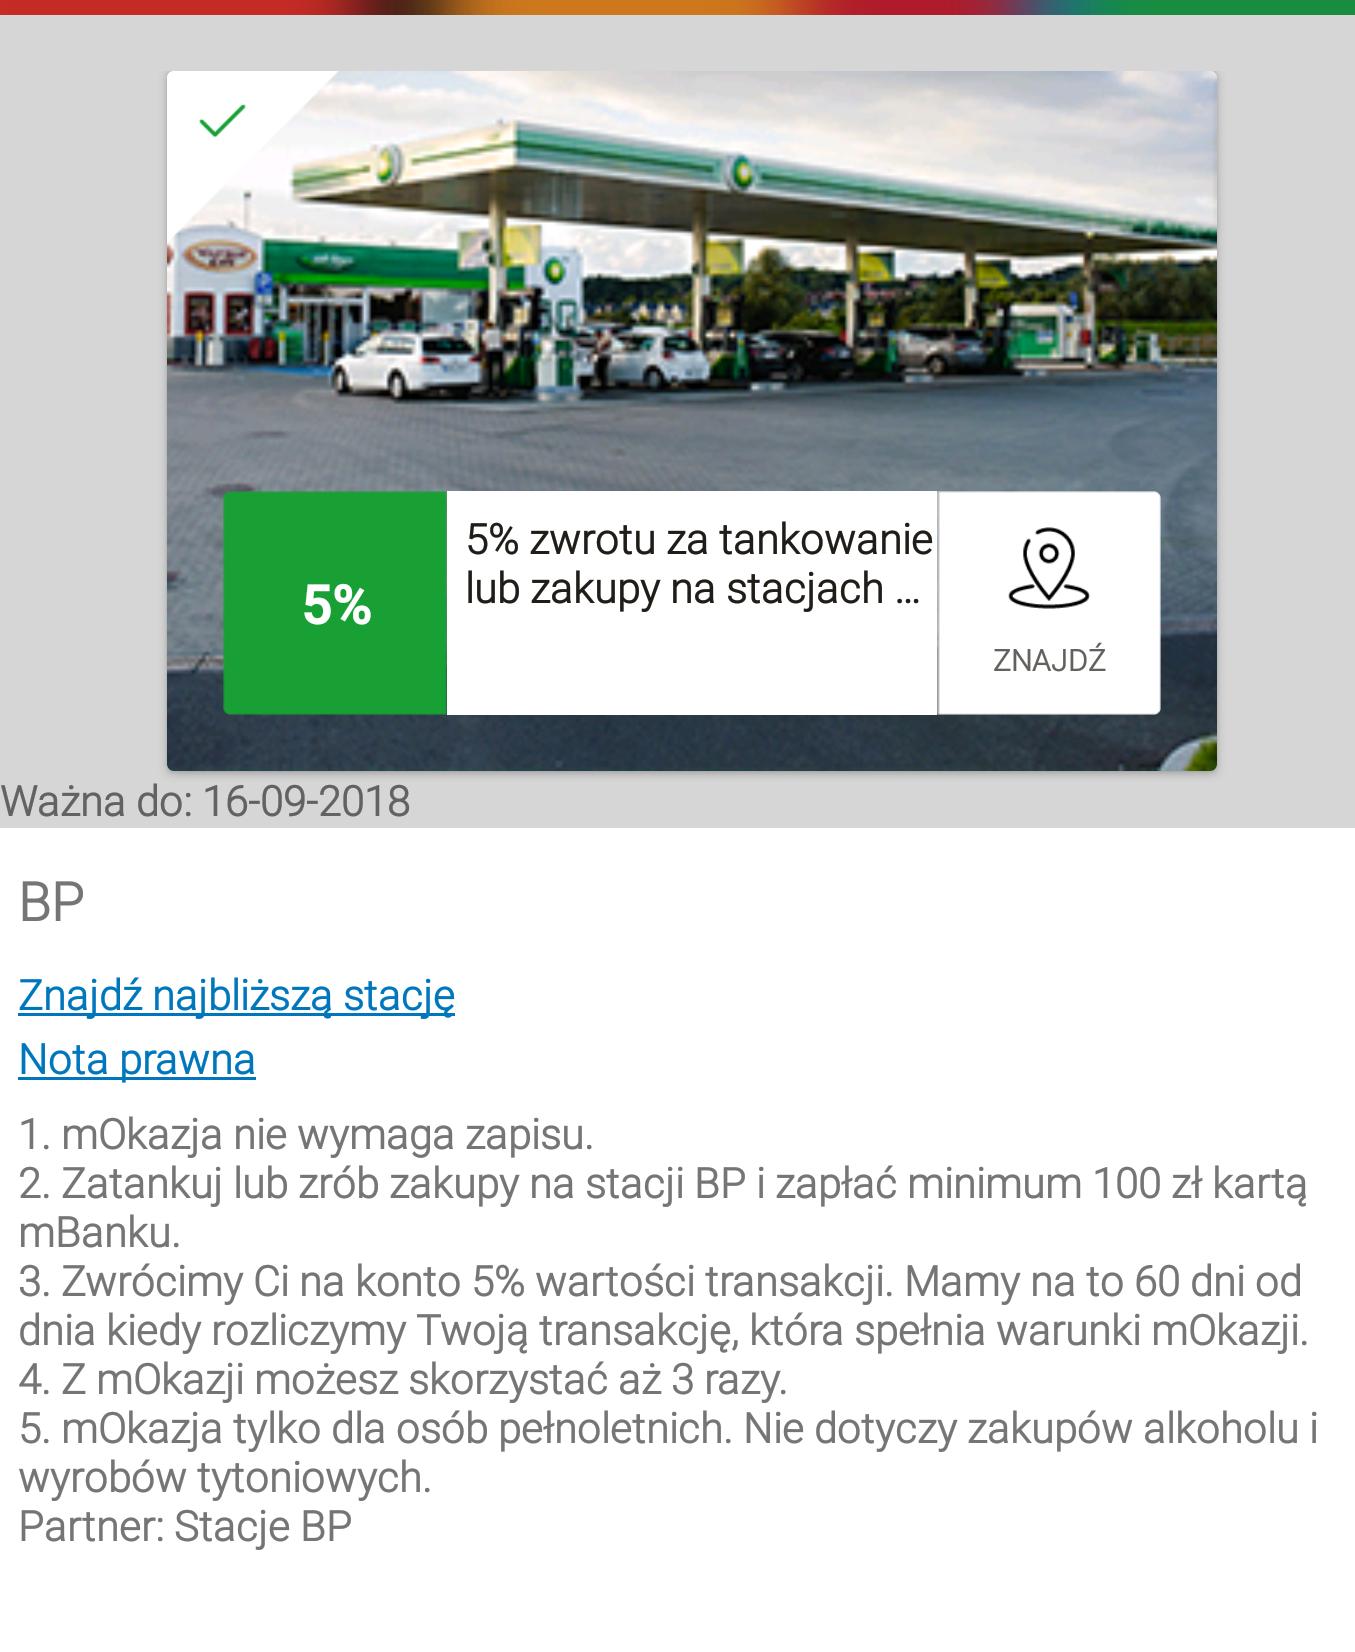 mBank 5% na stacjach bp mwz 100 zł